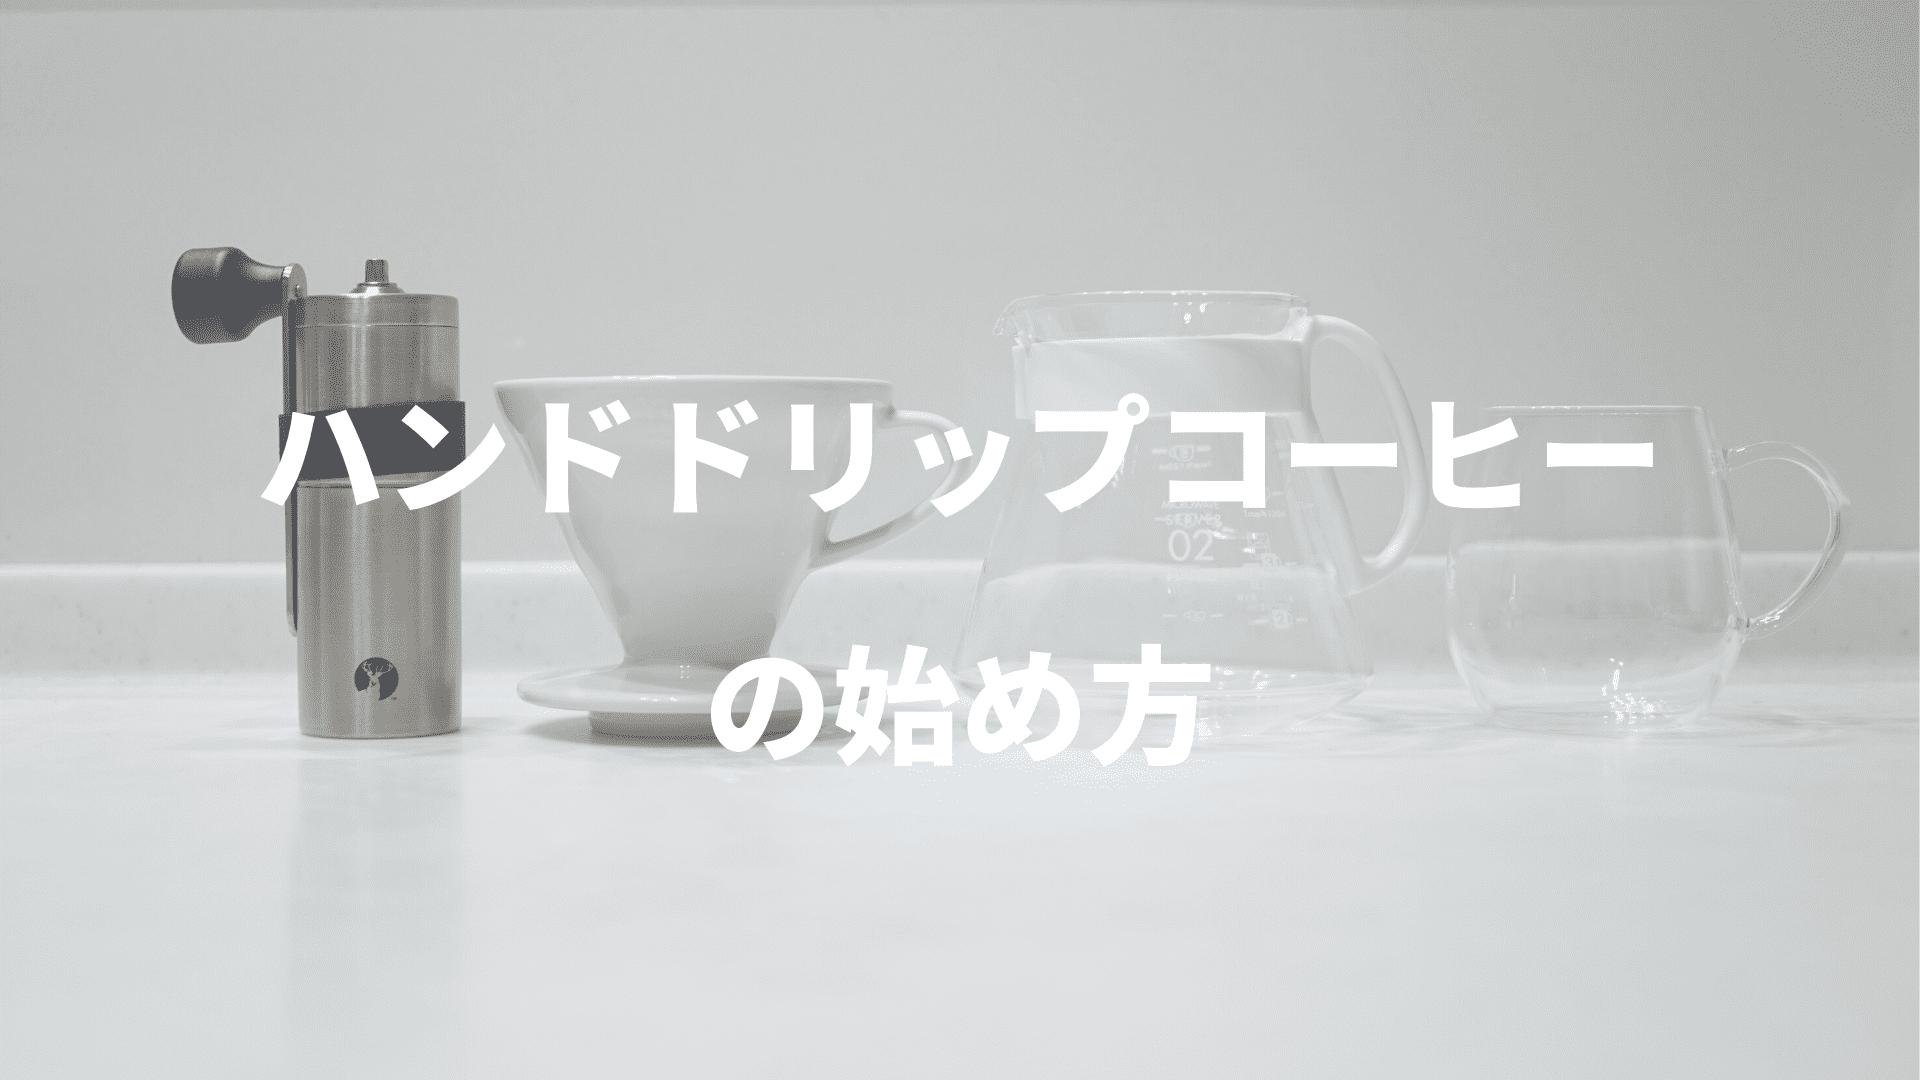 【初心者向け】手挽きミルで淹れるハンドドリップコーヒーの始め方